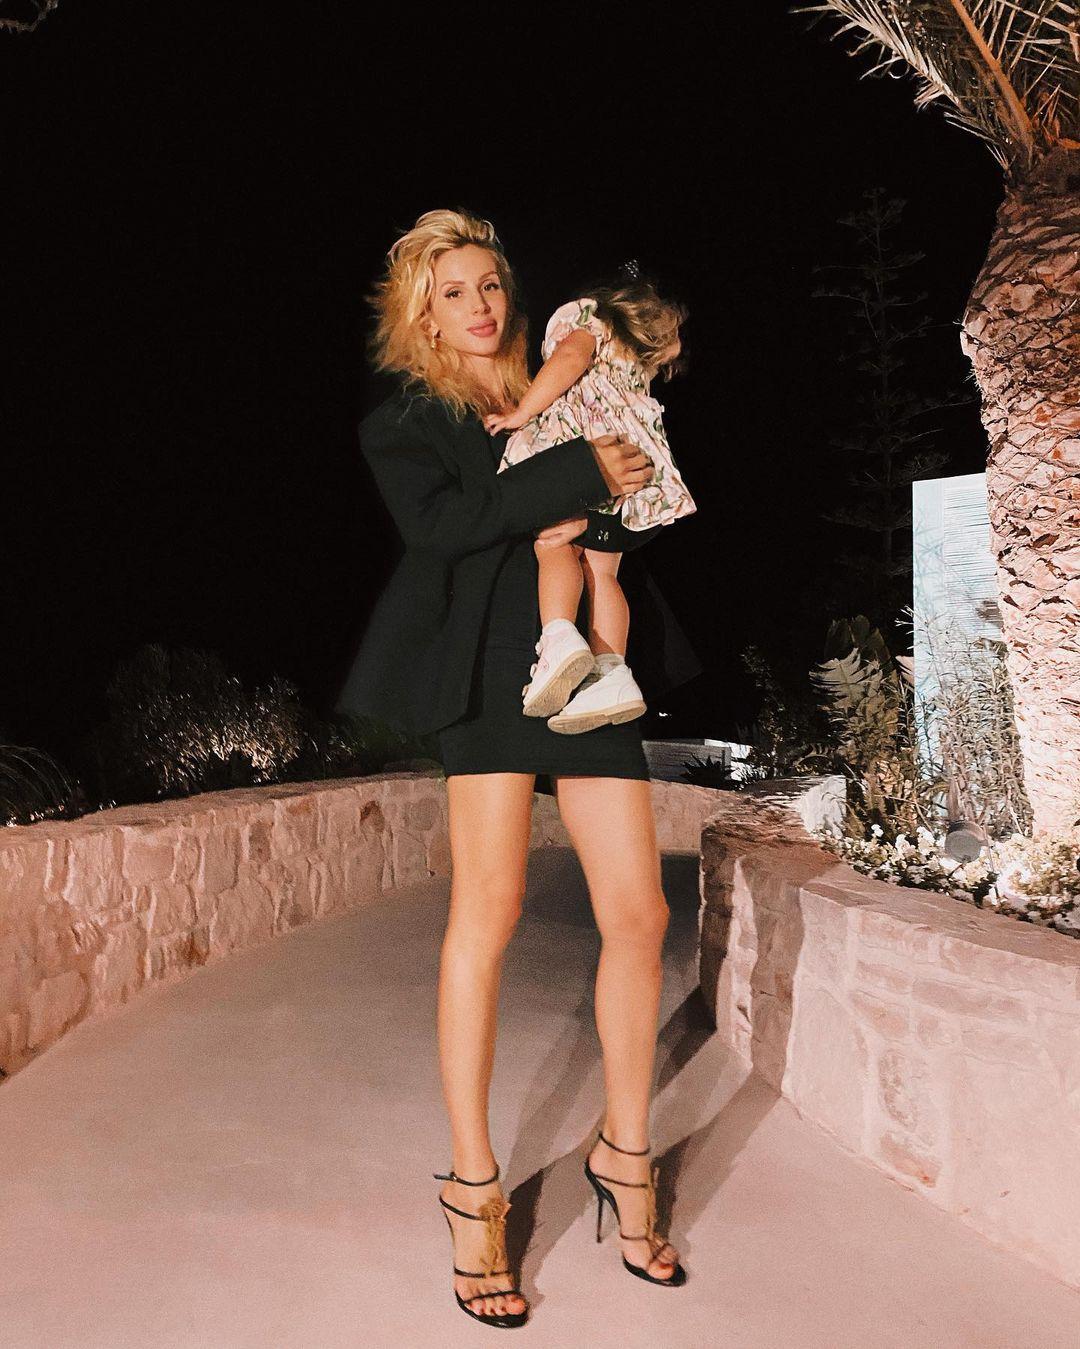 Невозможная сладость: Лобода восхитила сеть фотографиями с младшей дочкой